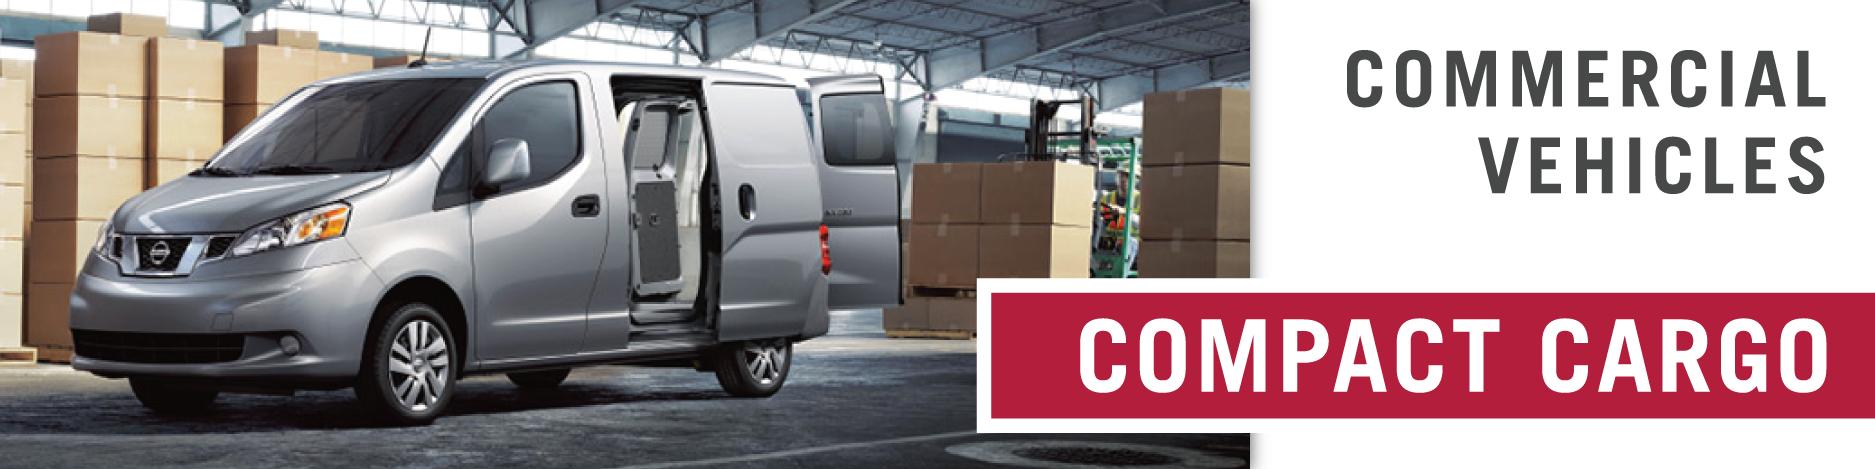 Compact Cargo